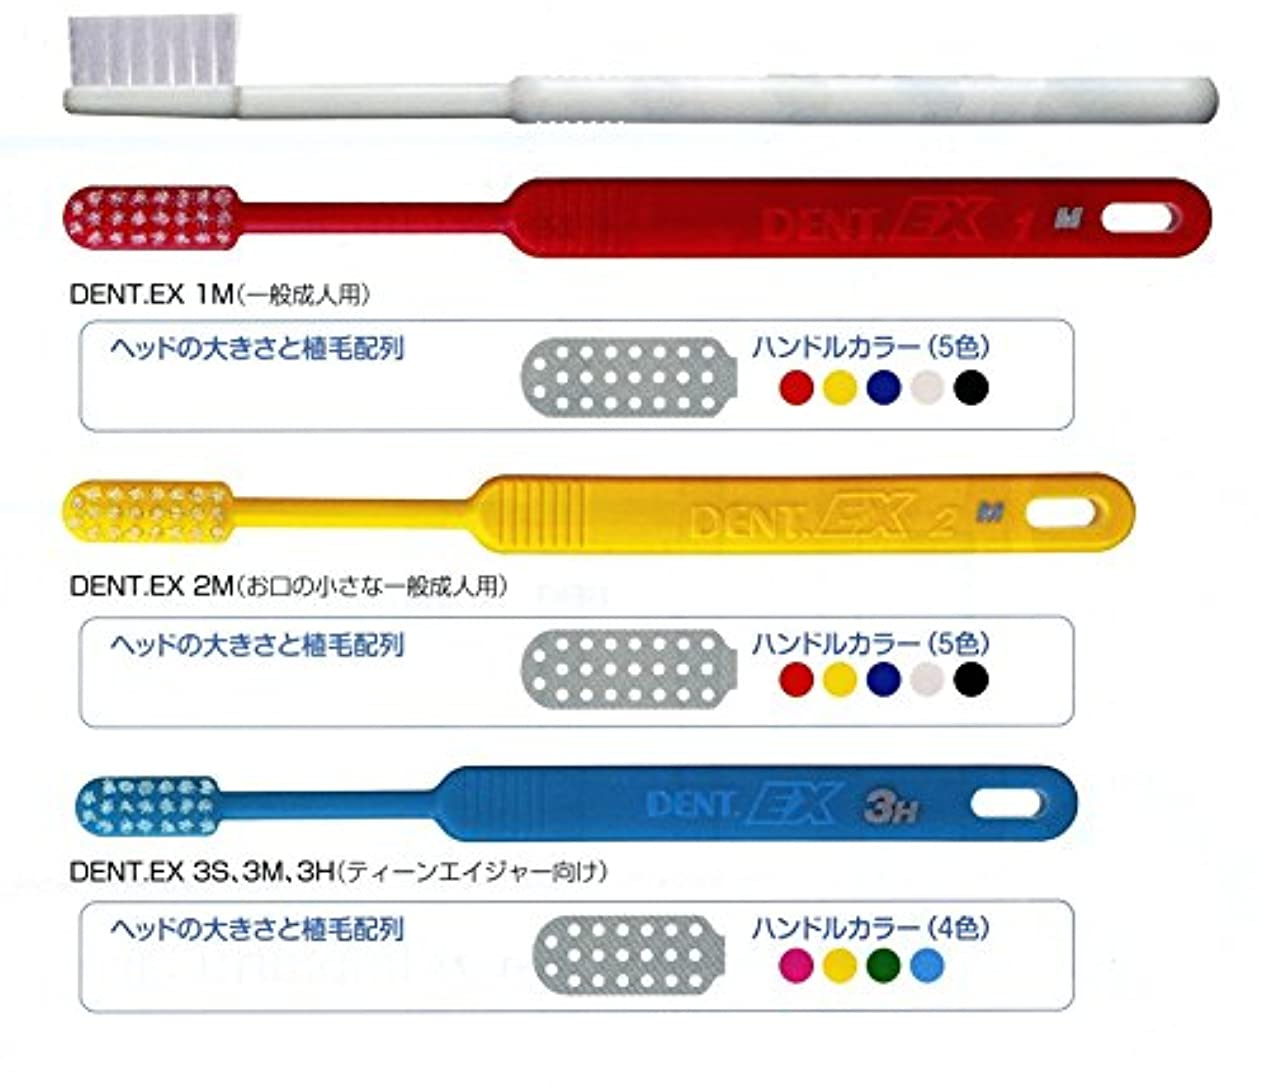 スタジオテキストうまれたライオン DENT . EX レギュラー 歯ブラシ 1本 2M イエロー